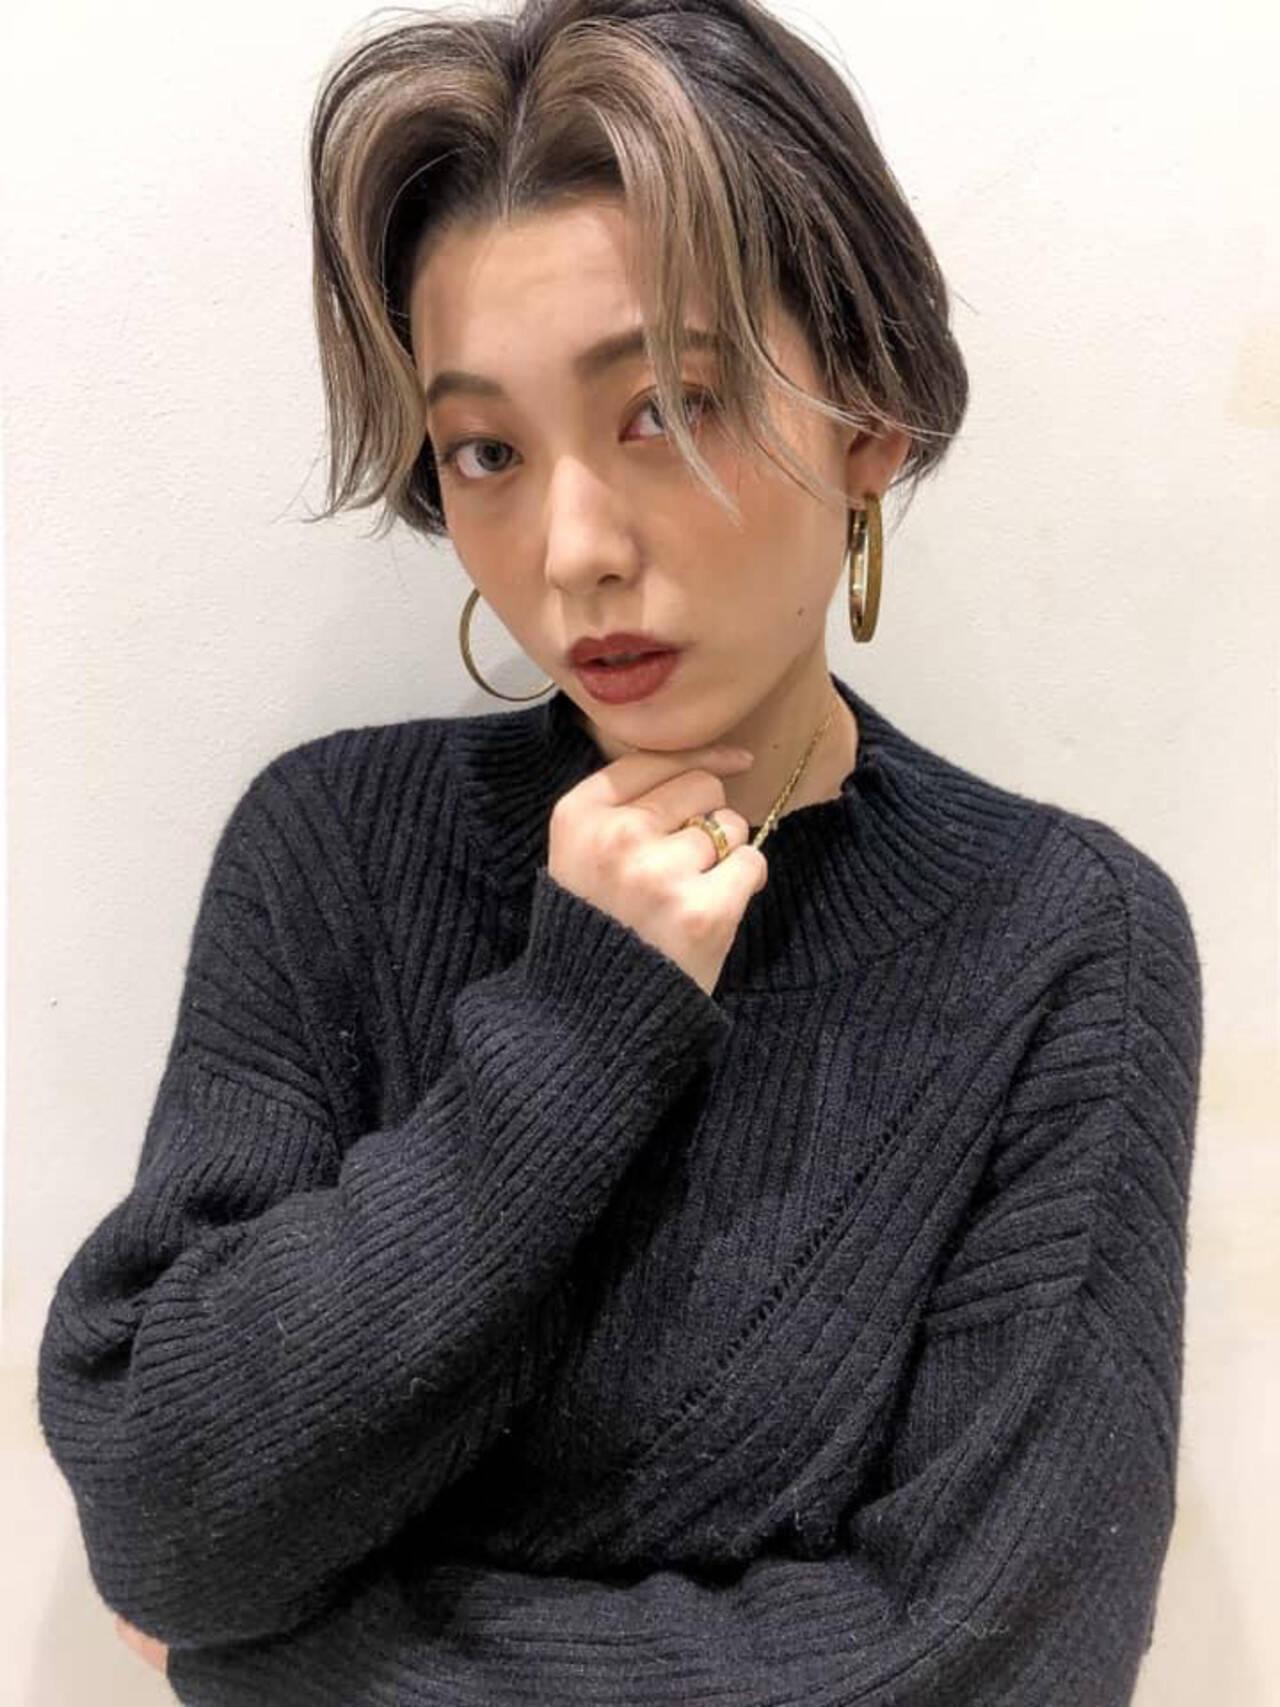 ショート 韓国 ハイライト 韓国風ヘアーヘアスタイルや髪型の写真・画像